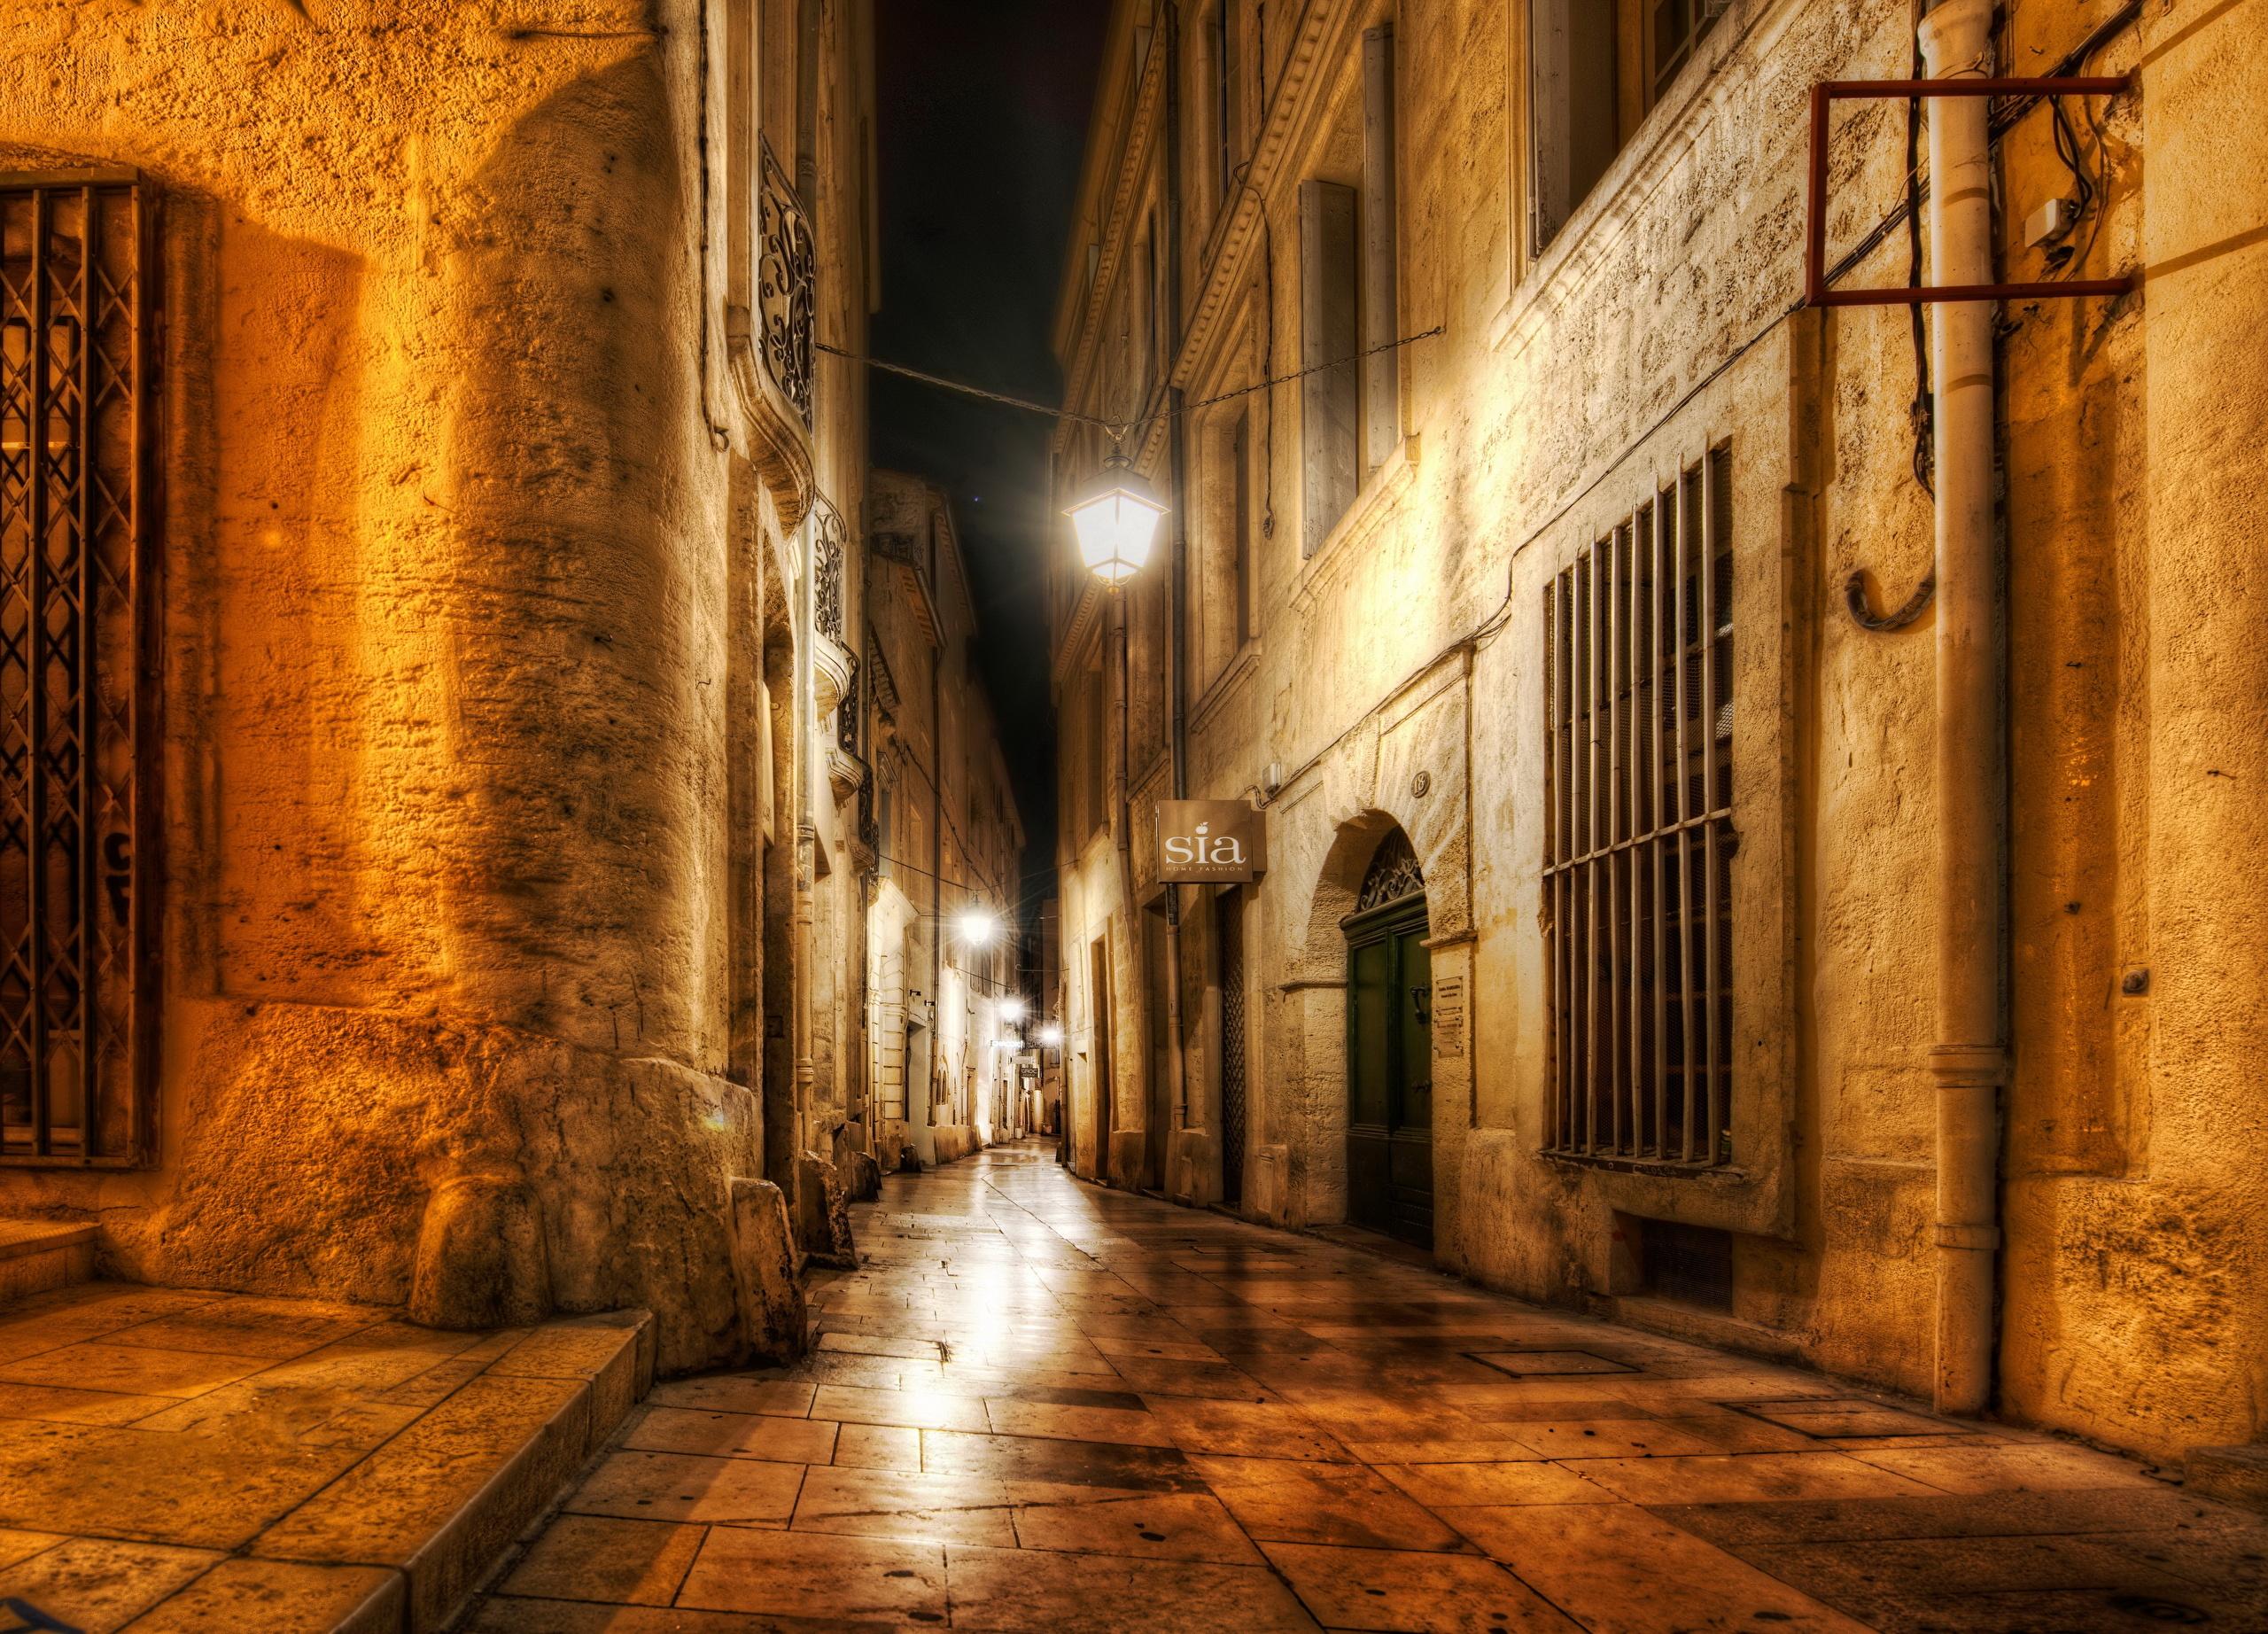 Франция дороги ночь фонари  № 2229341 загрузить